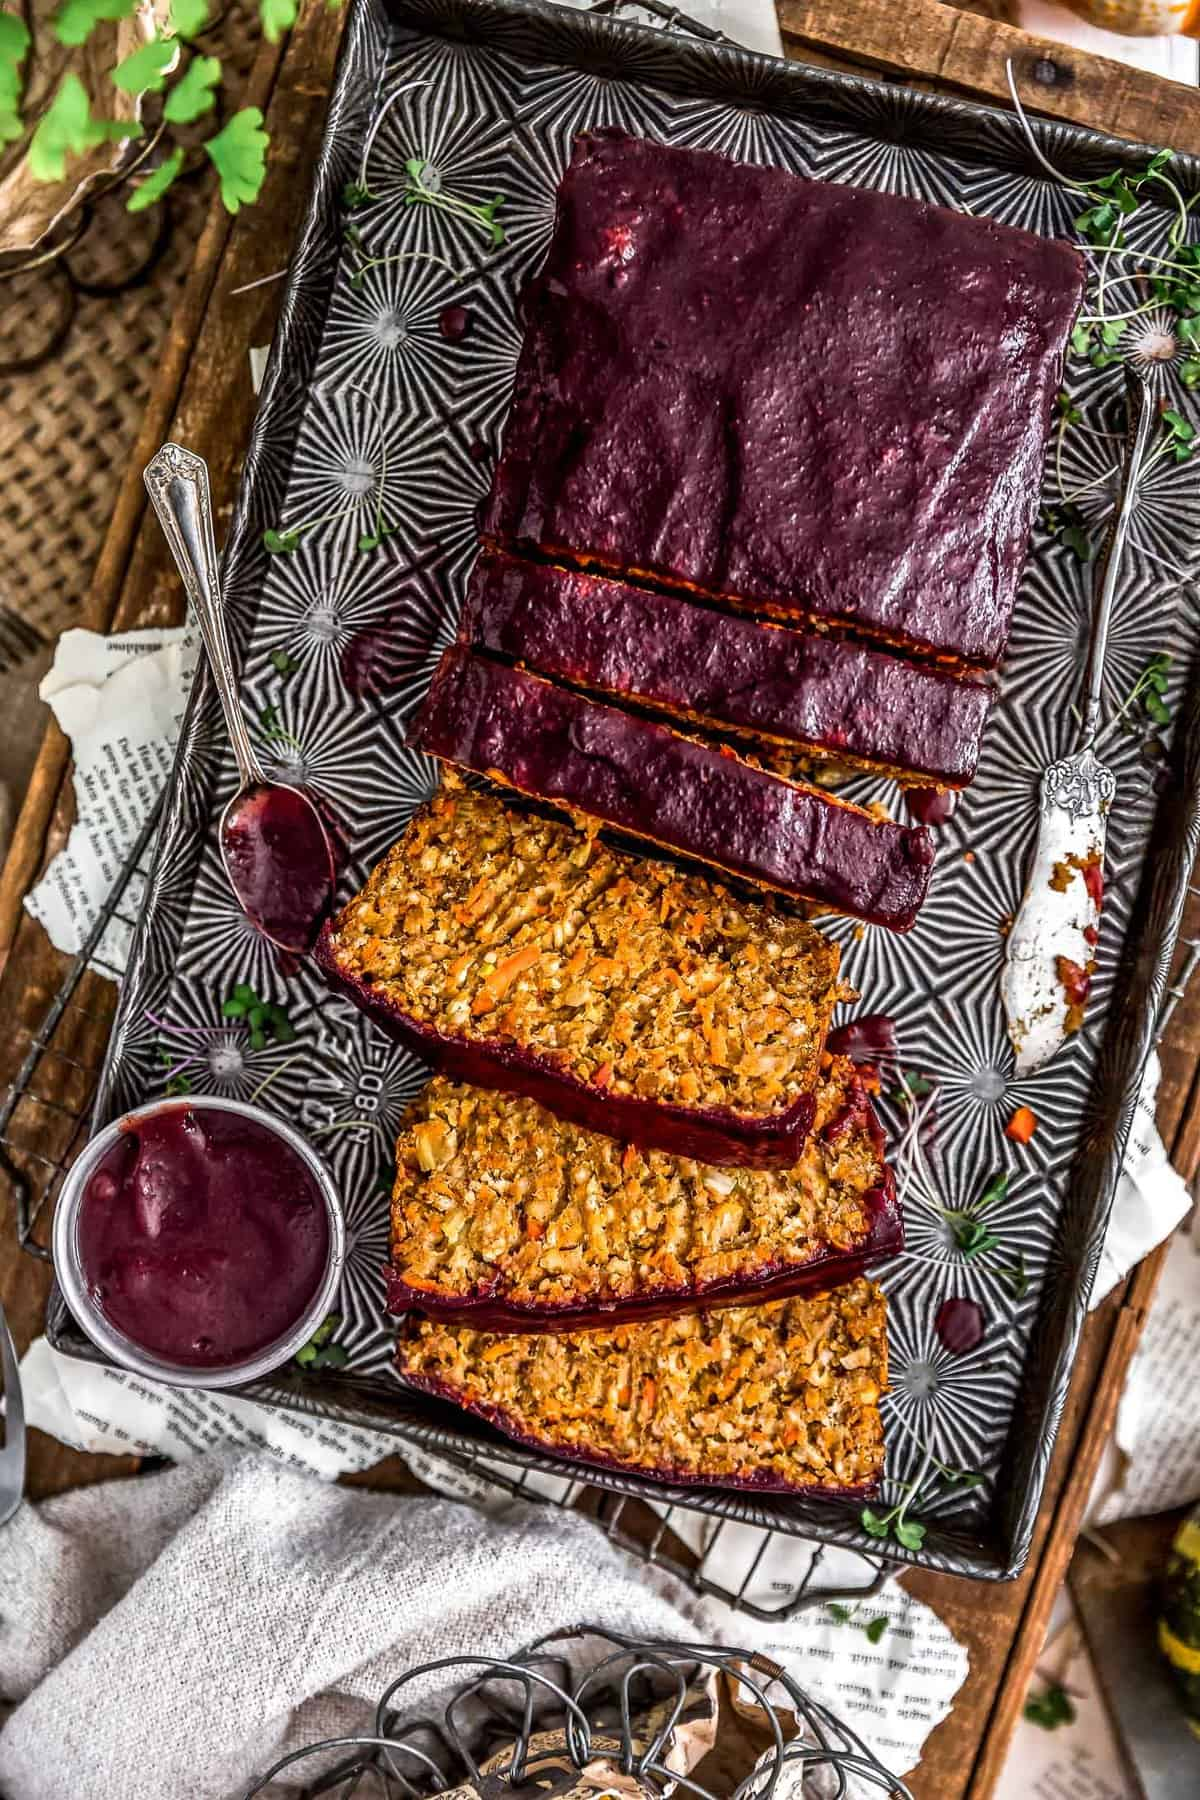 Sliced Harvest Veggie Loaf with spiced cranberry sauce